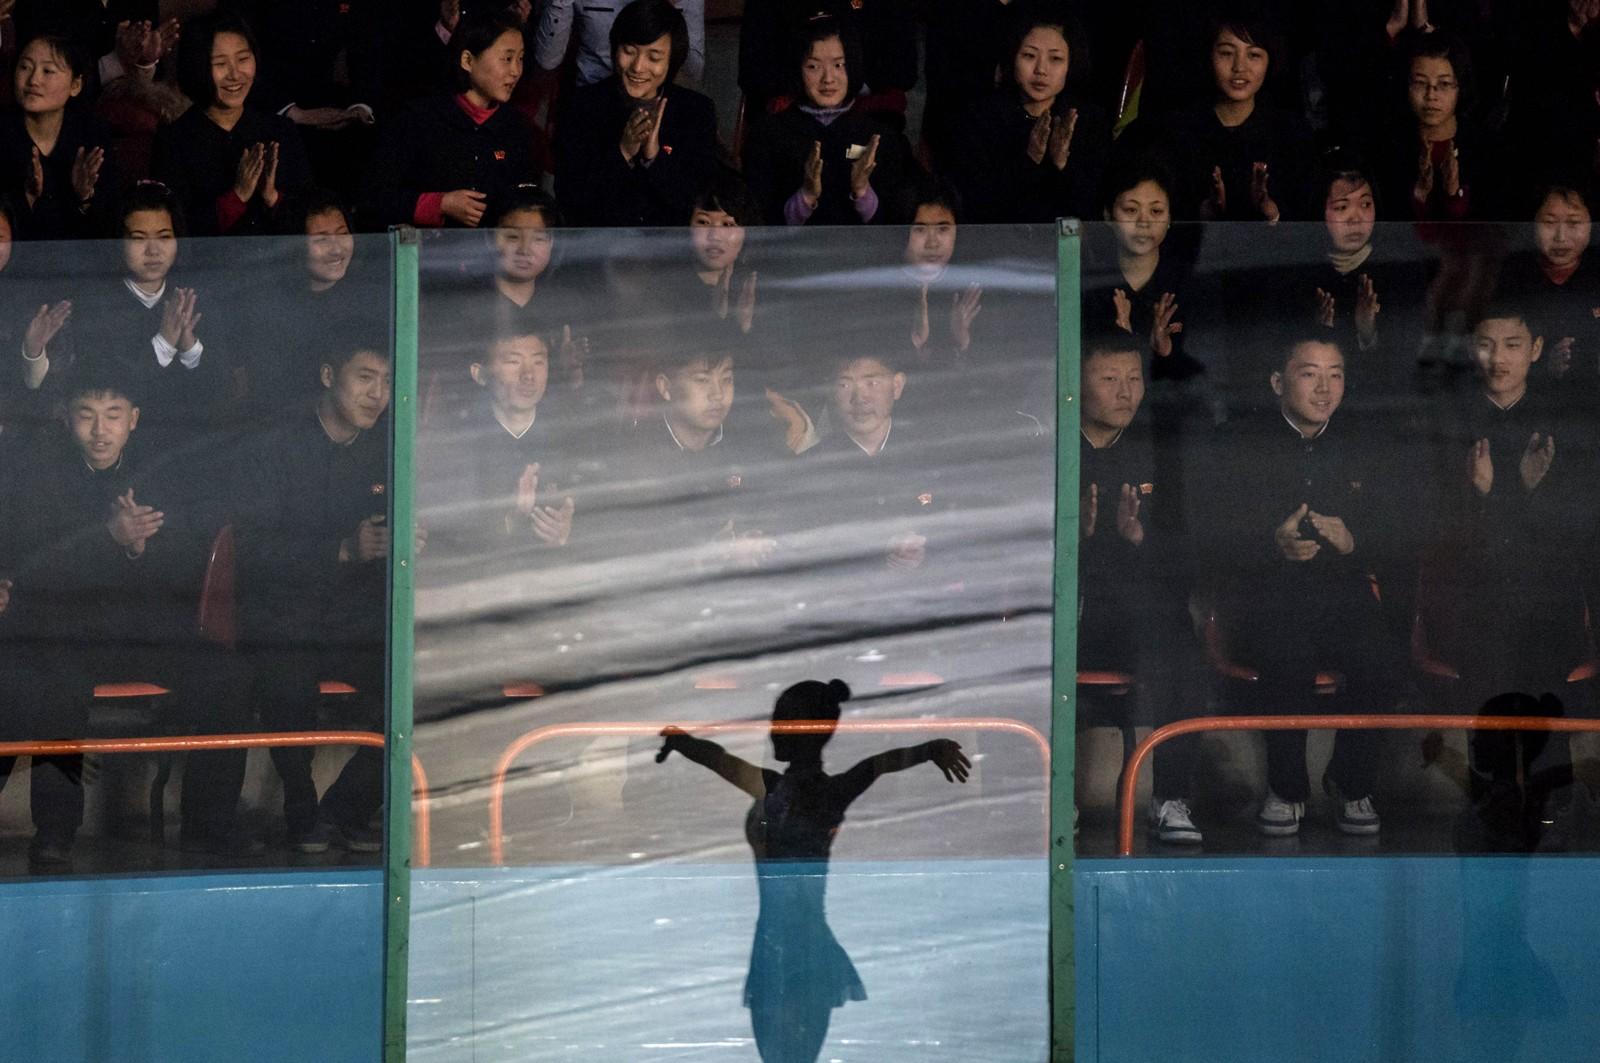 Tilskuere ser på isdans i Pyungyang i Nord-Korea